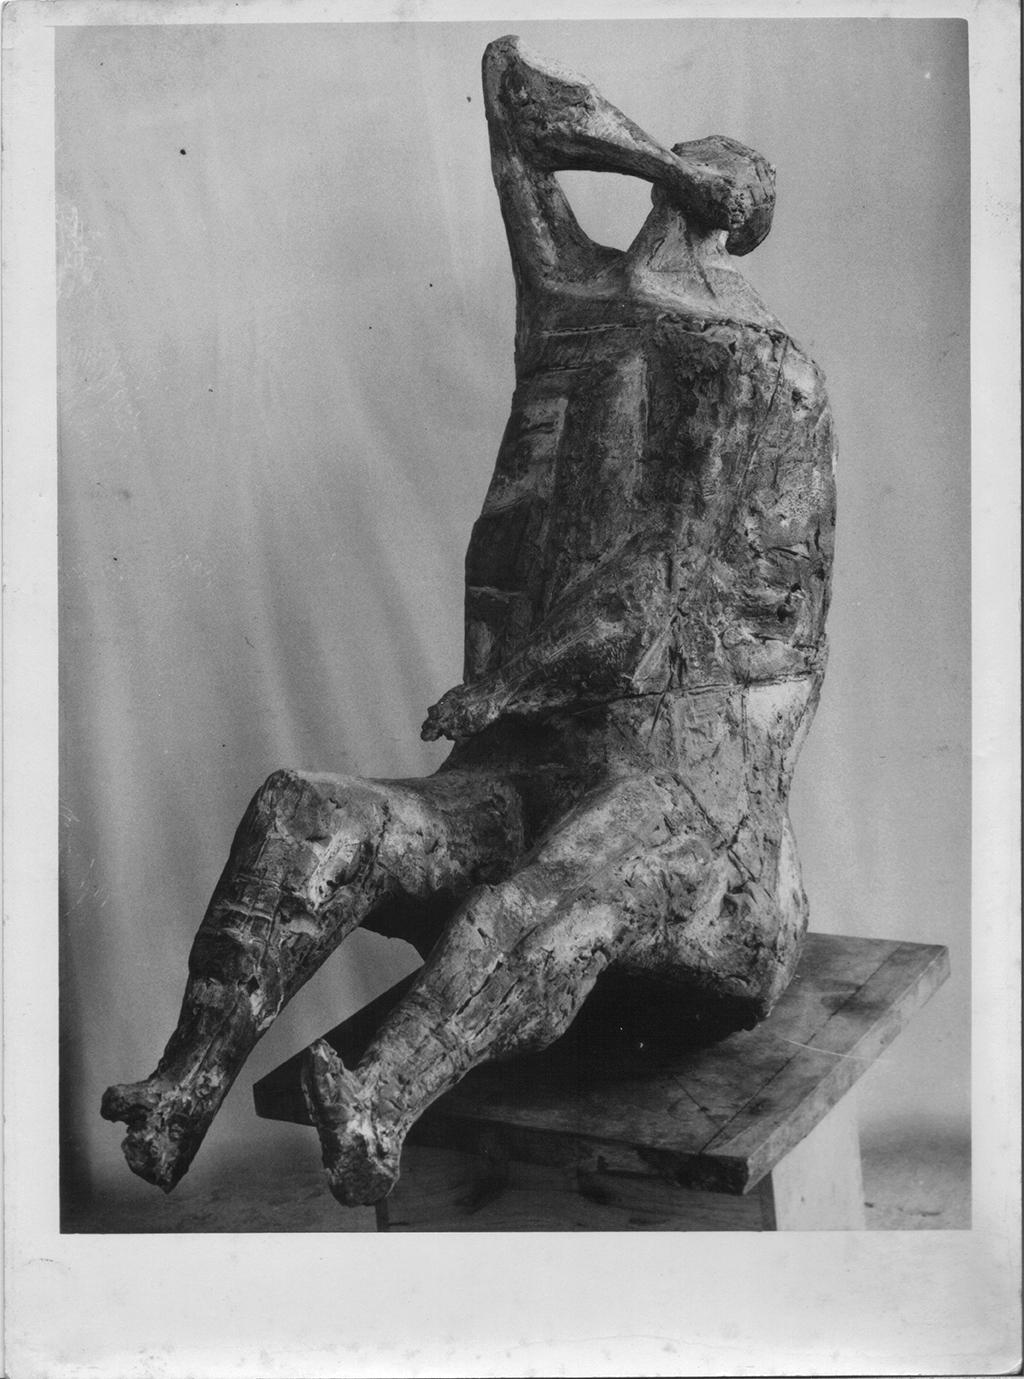 86 Enrico Carmassi opere perse